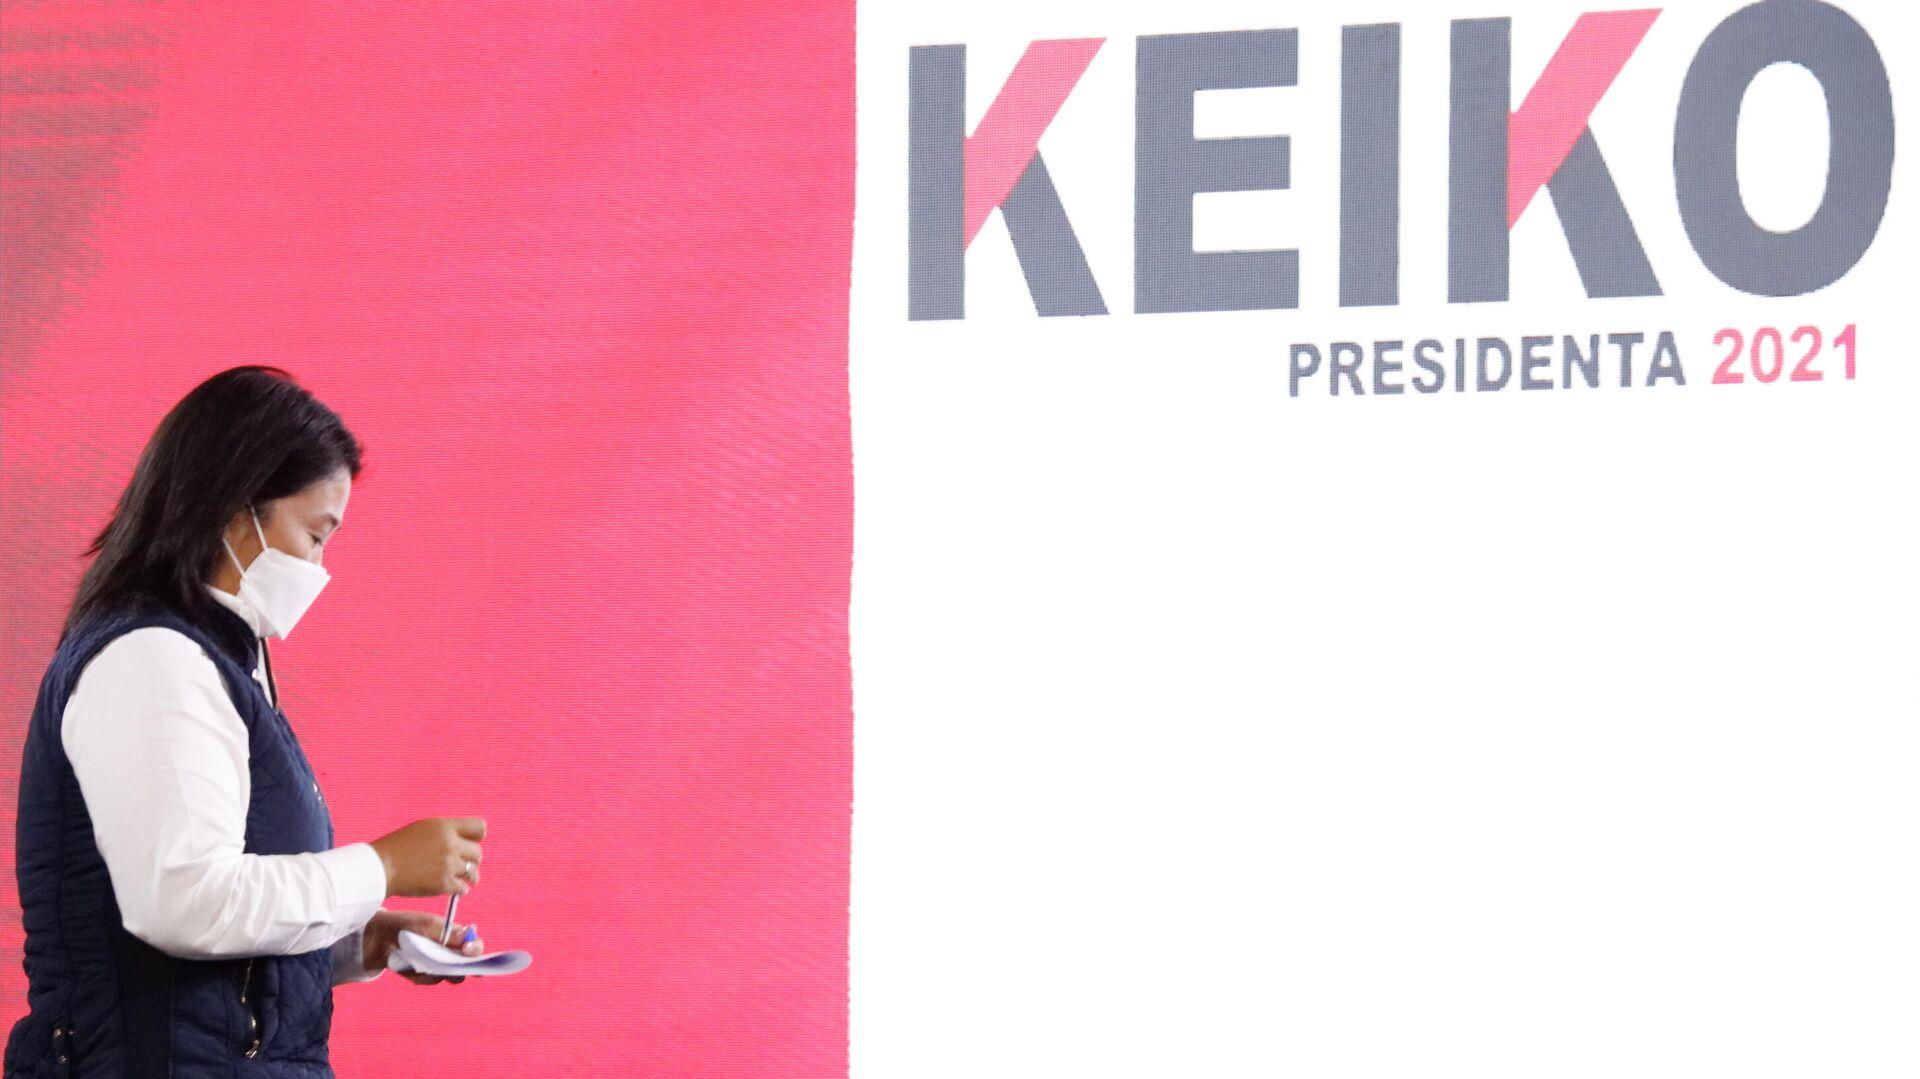 La candidata a la Presidencia, Keiko Fujimori, luego de denunciar fraude en las elecciones de 2021 - Sputnik Mundo, 1920, 09.06.2021